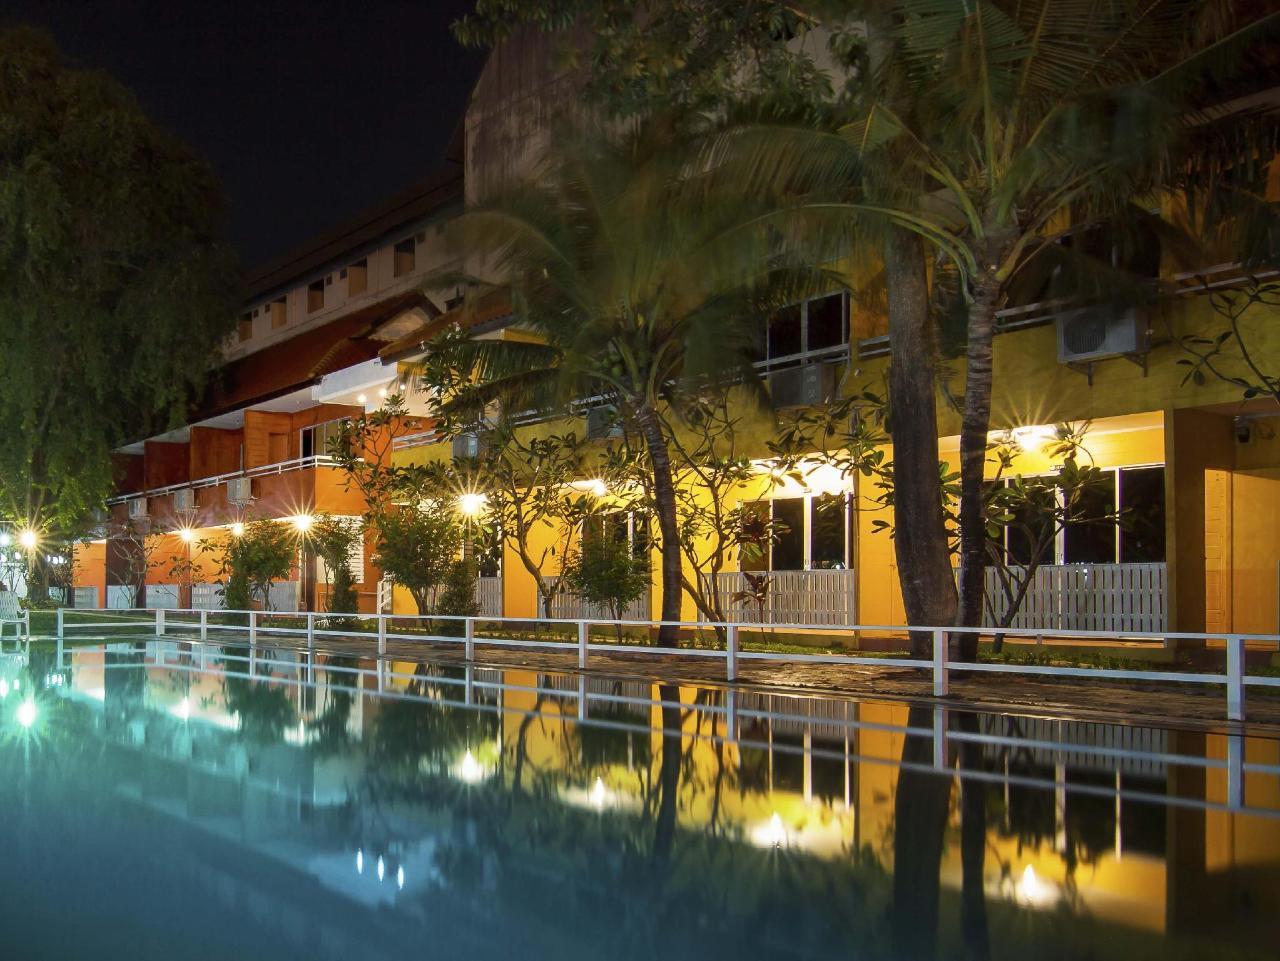 แกรนด์ ลอร์ด จอมเทียน รีสอร์ท พัทยา (Grand Lord Jomtien Resort Pattaya)